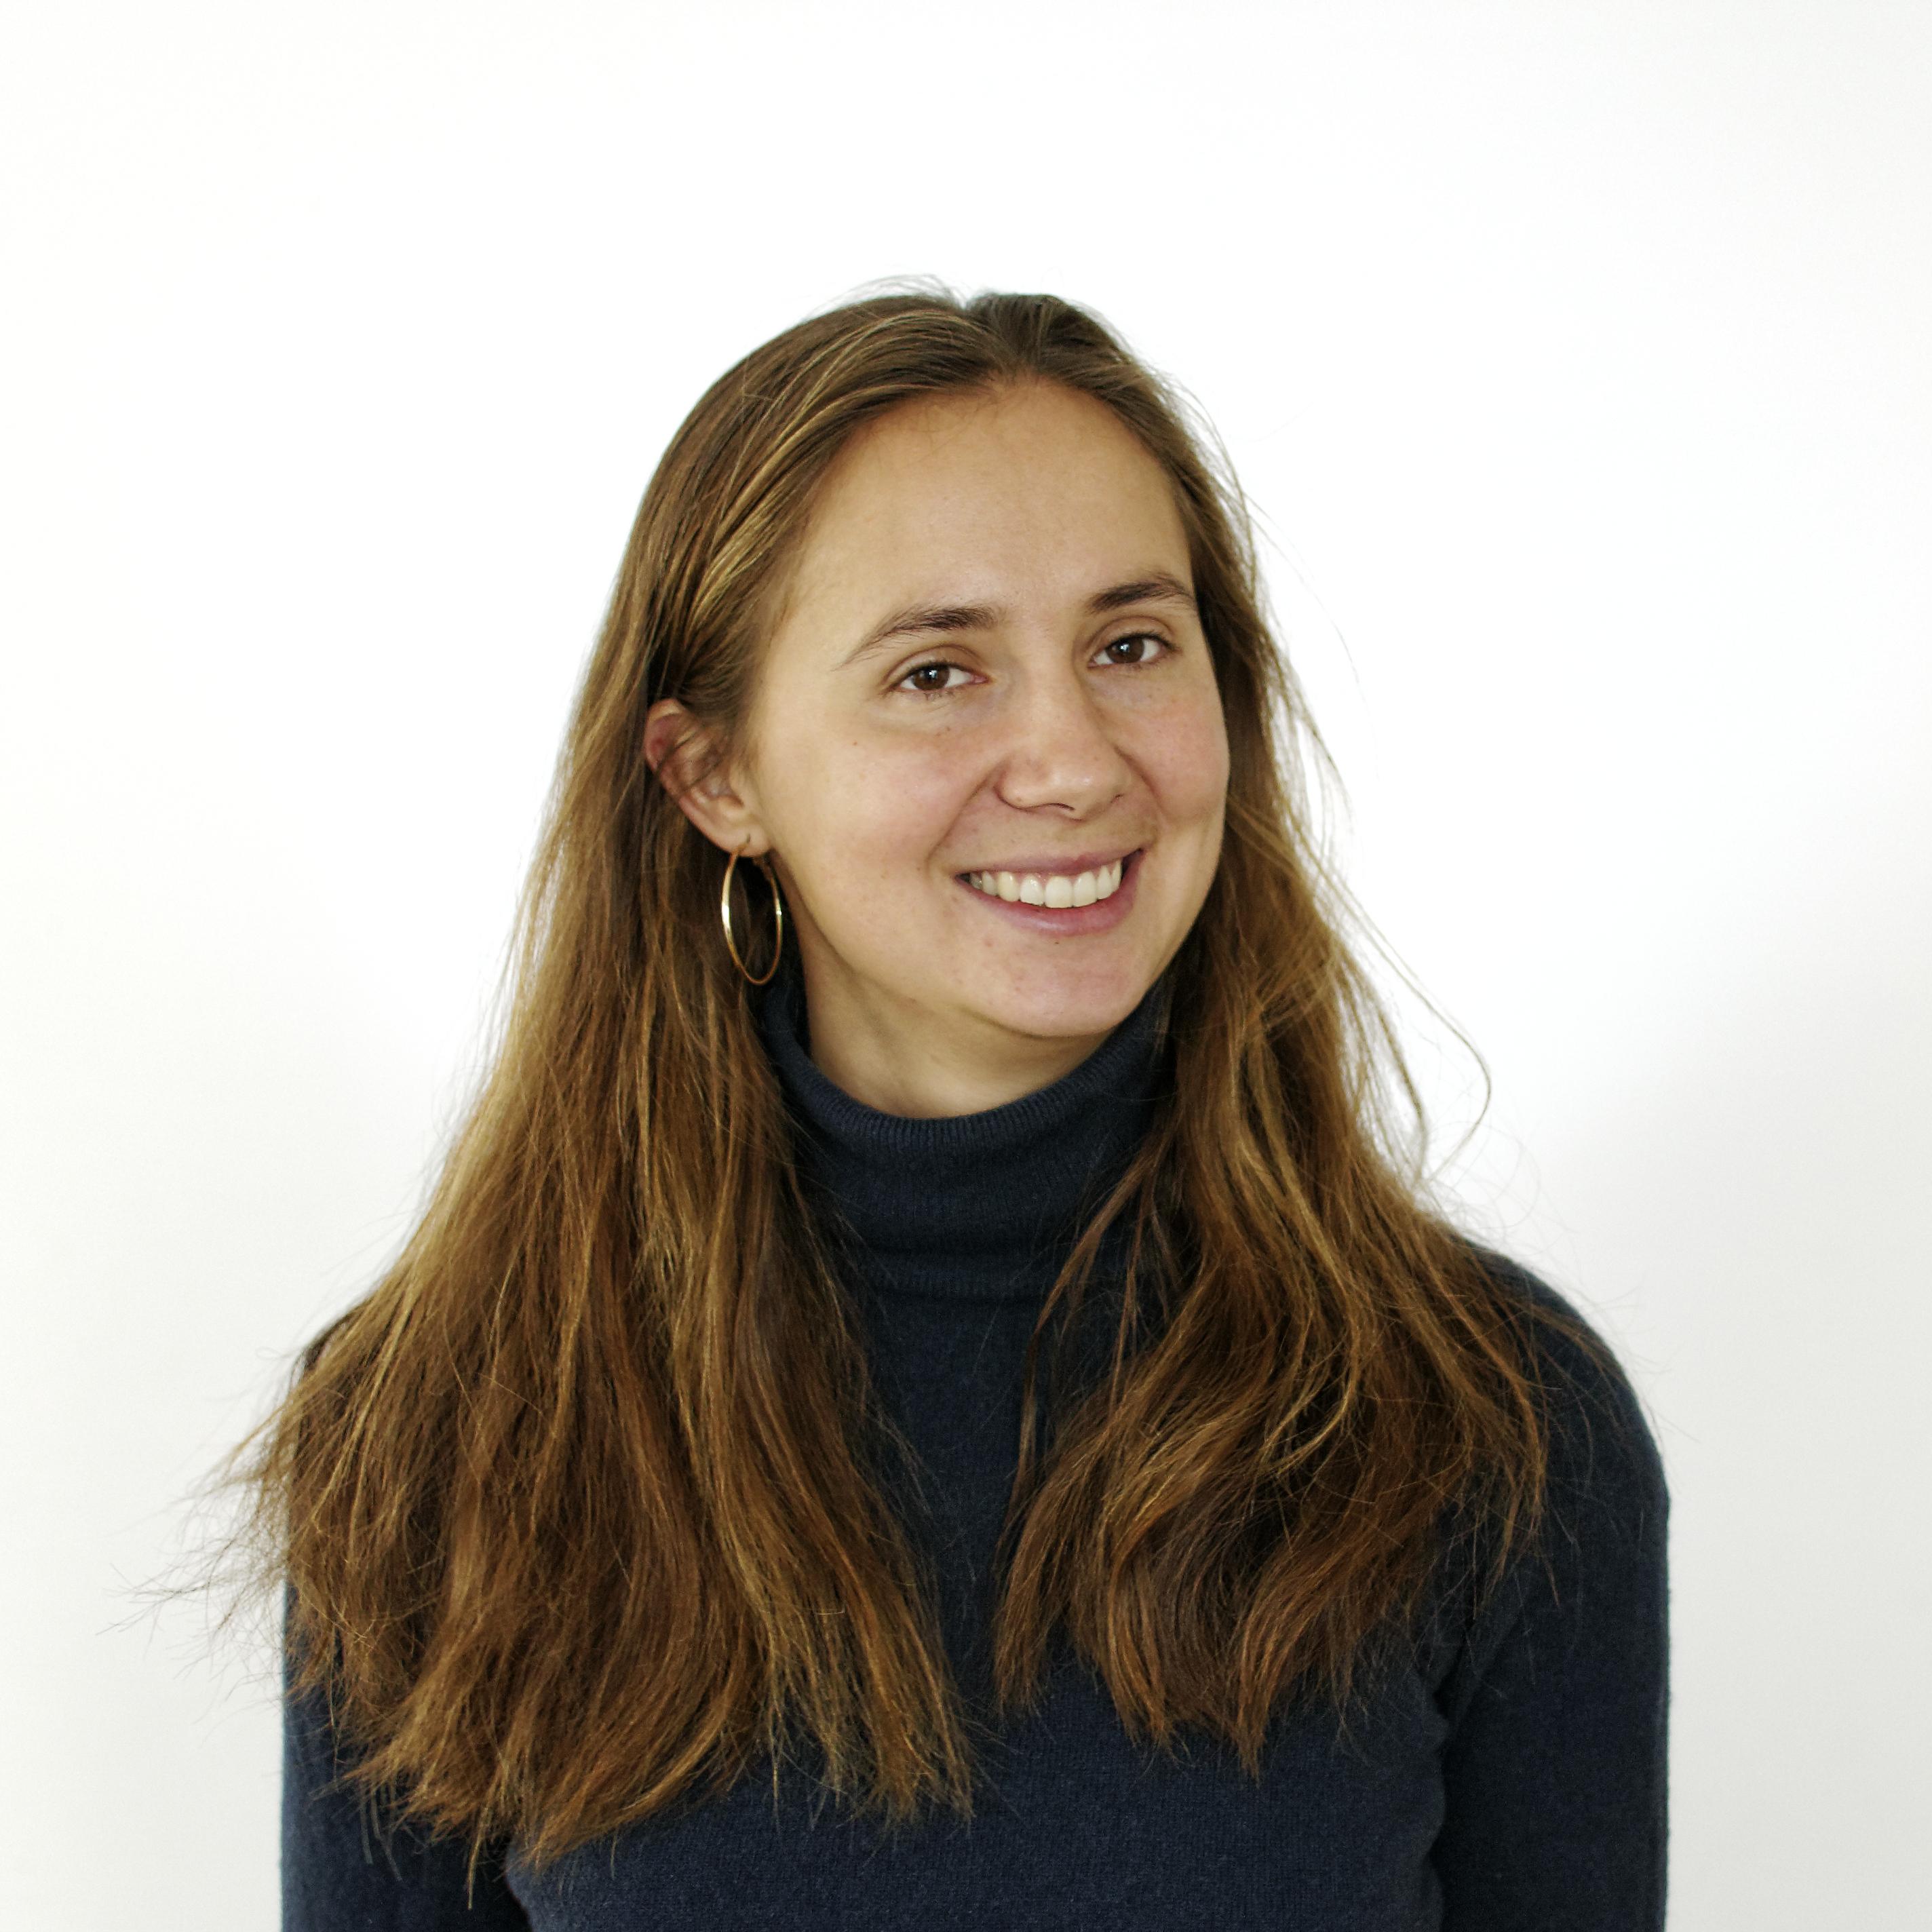 Camille Esquier